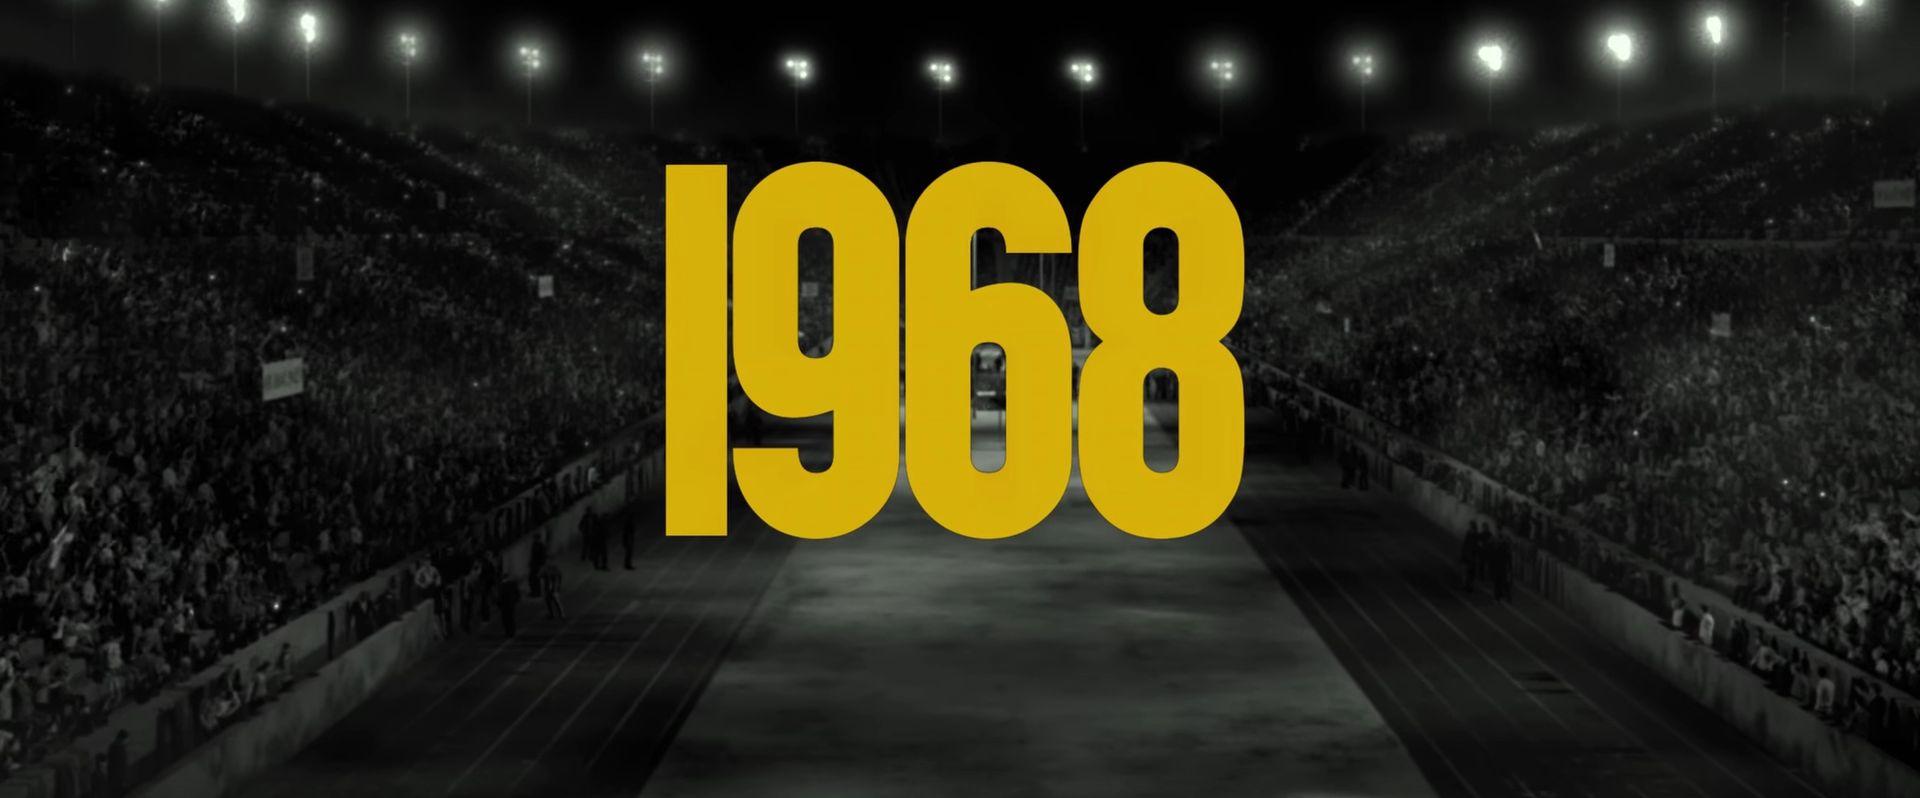 Pola stoljeća od 1968., godine revolucija i ugašenih nada